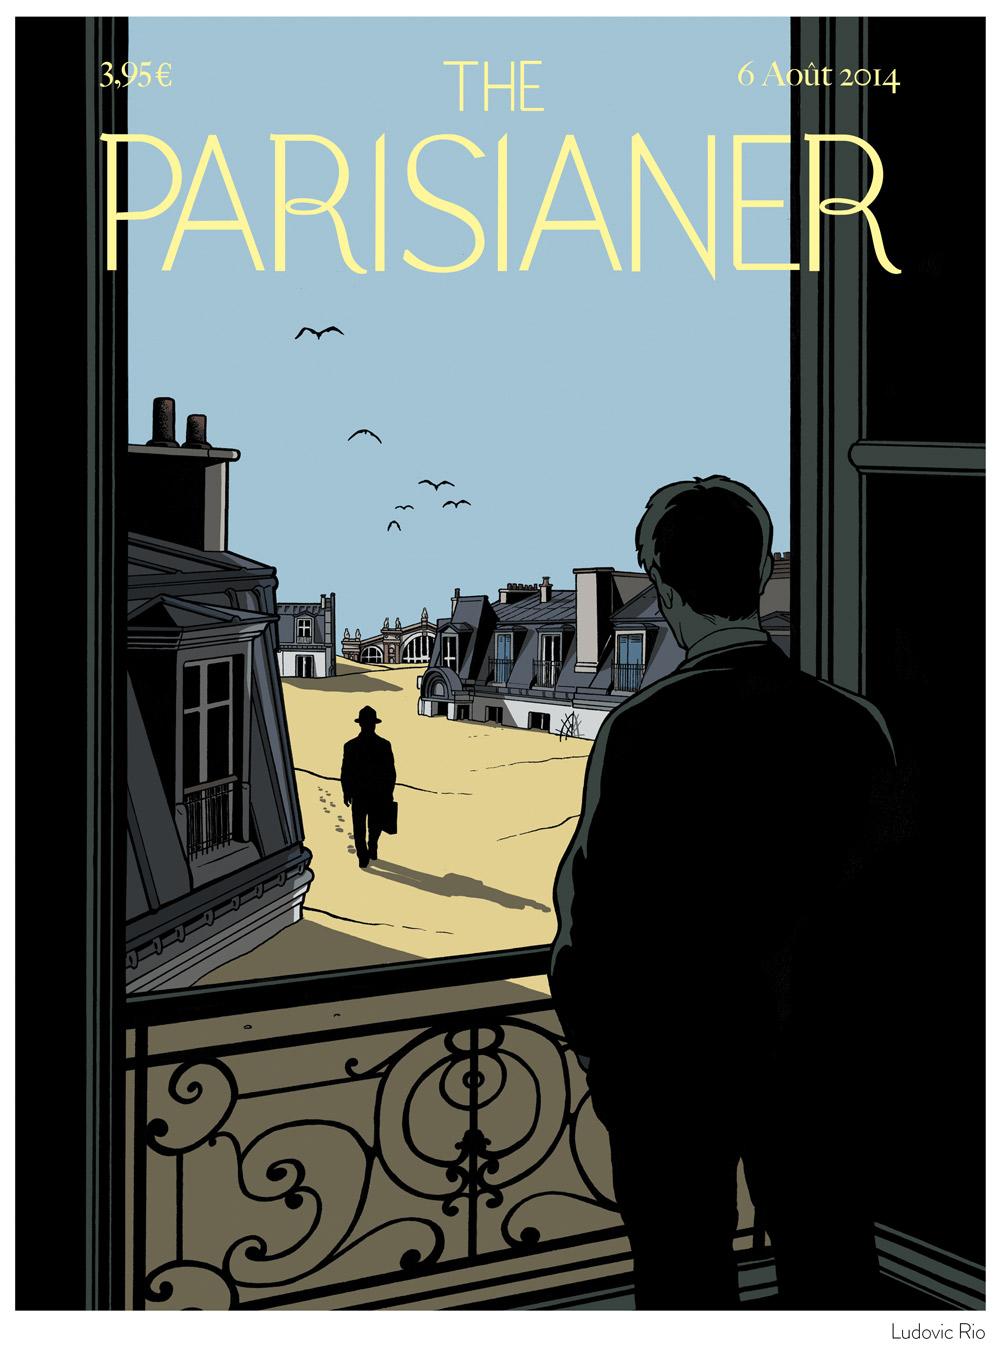 parisianer-SS-009.jpg